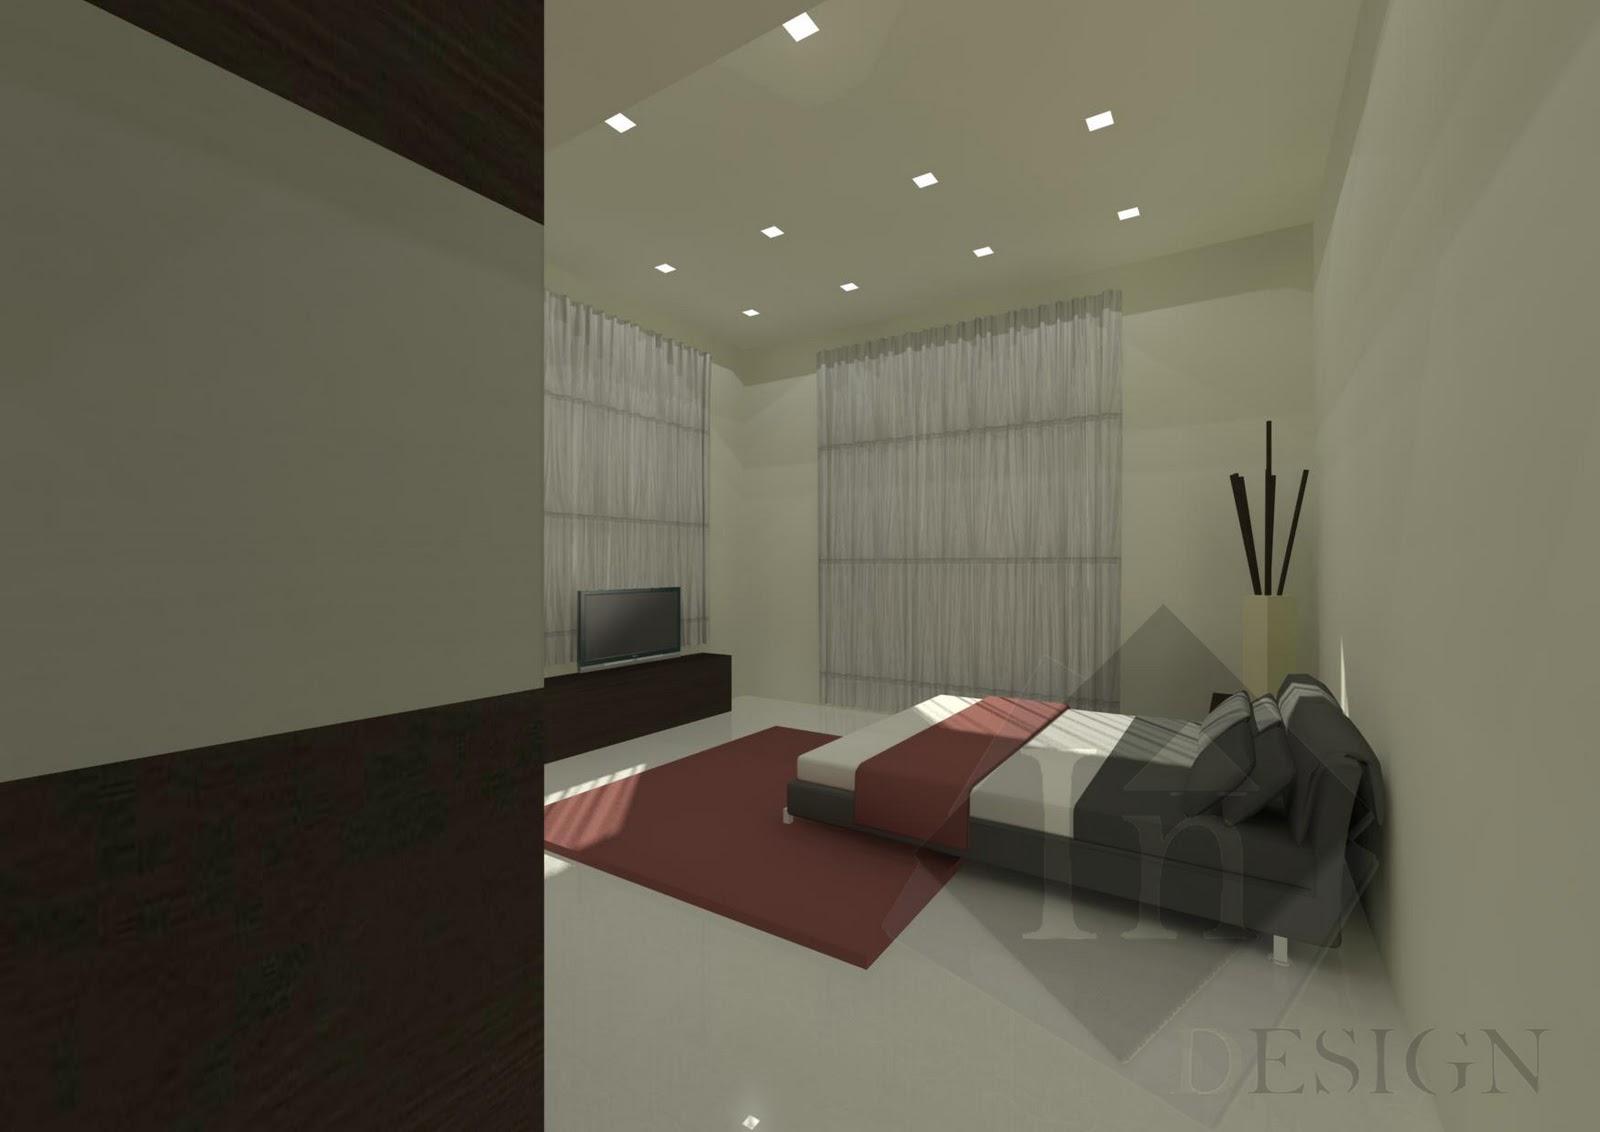 http://1.bp.blogspot.com/-e0-XdoqZPHg/TxbsI68im7I/AAAAAAAAACU/82QujW0PN2M/s1600/bed+1.jpg